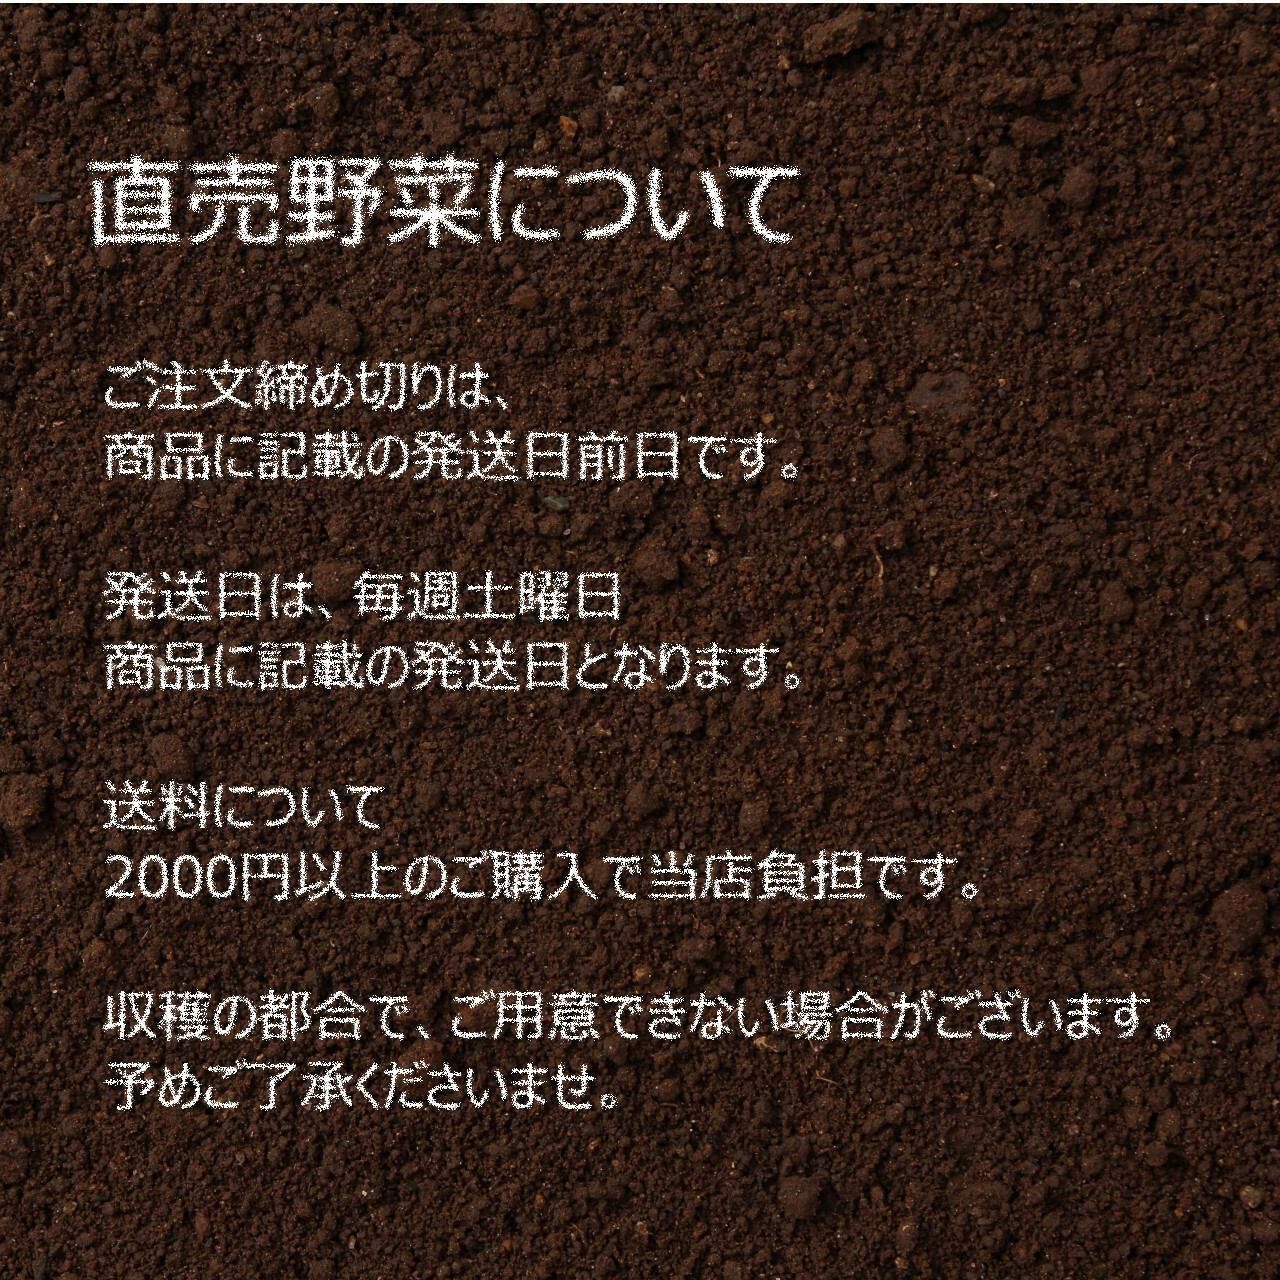 ニンジン 約400g : 6月の朝採り直売野菜  6月8日発送予定